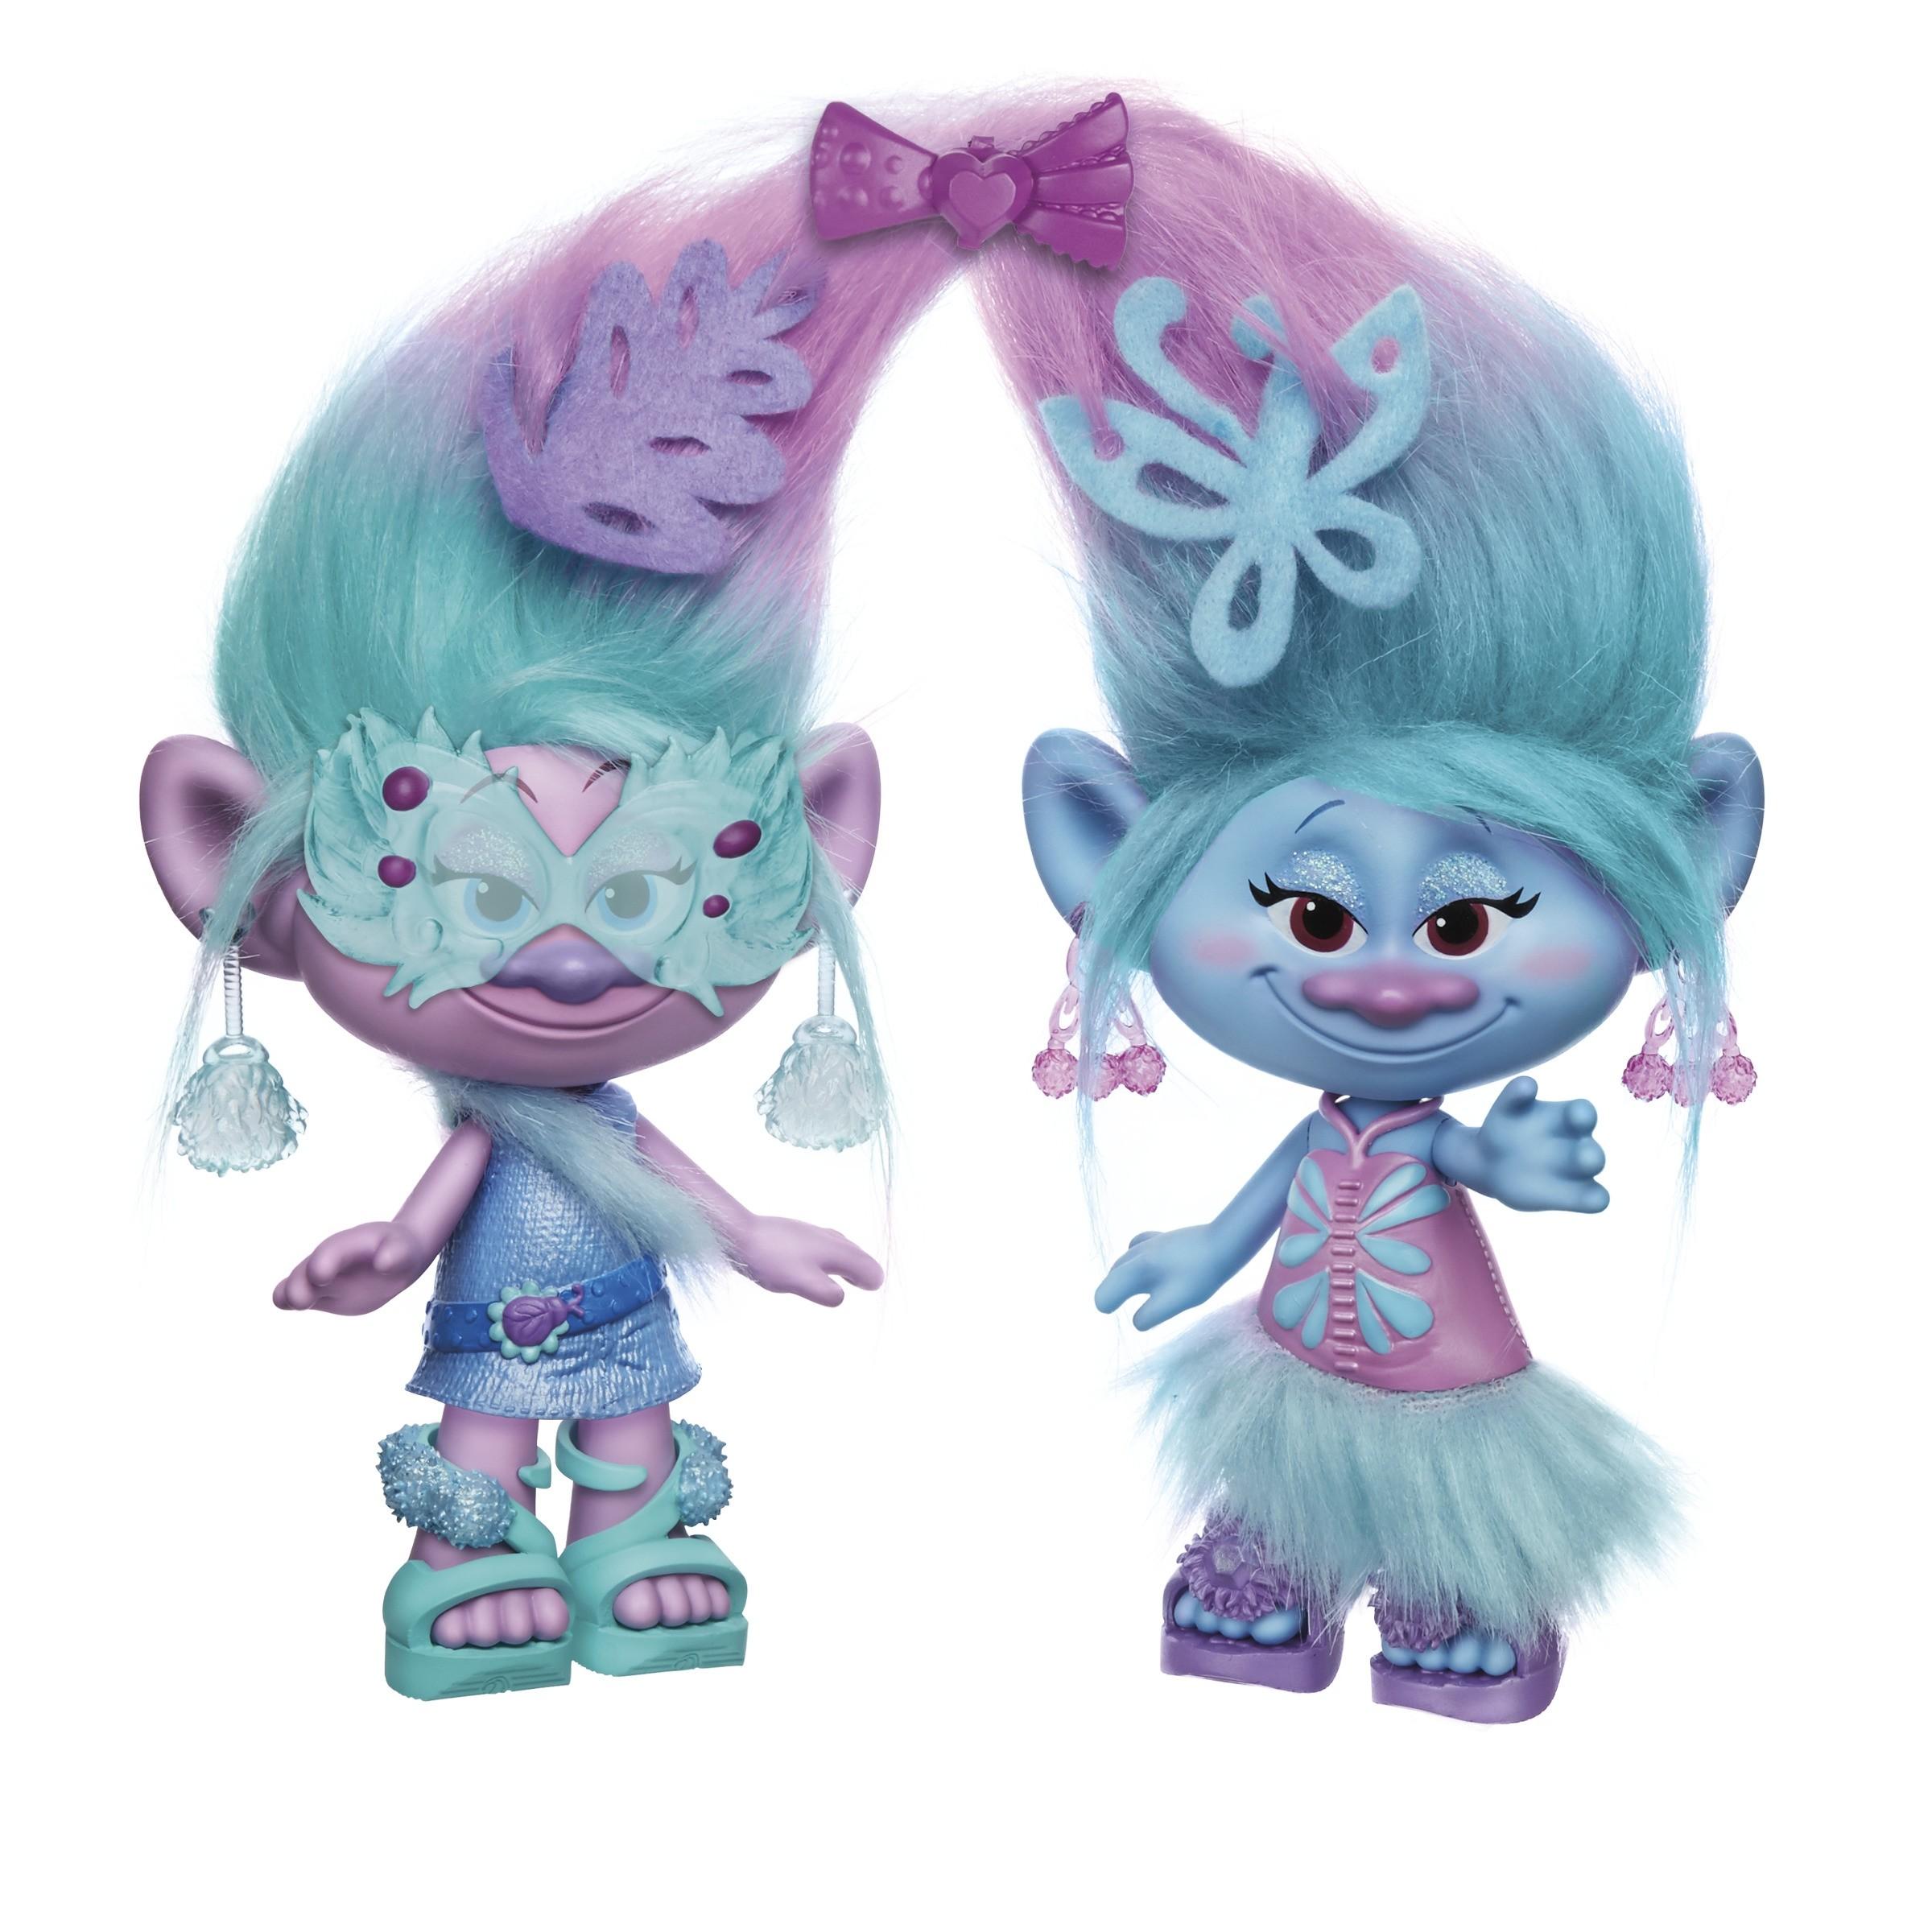 Trolls Модные близнецы одежда обувь и аксессуары